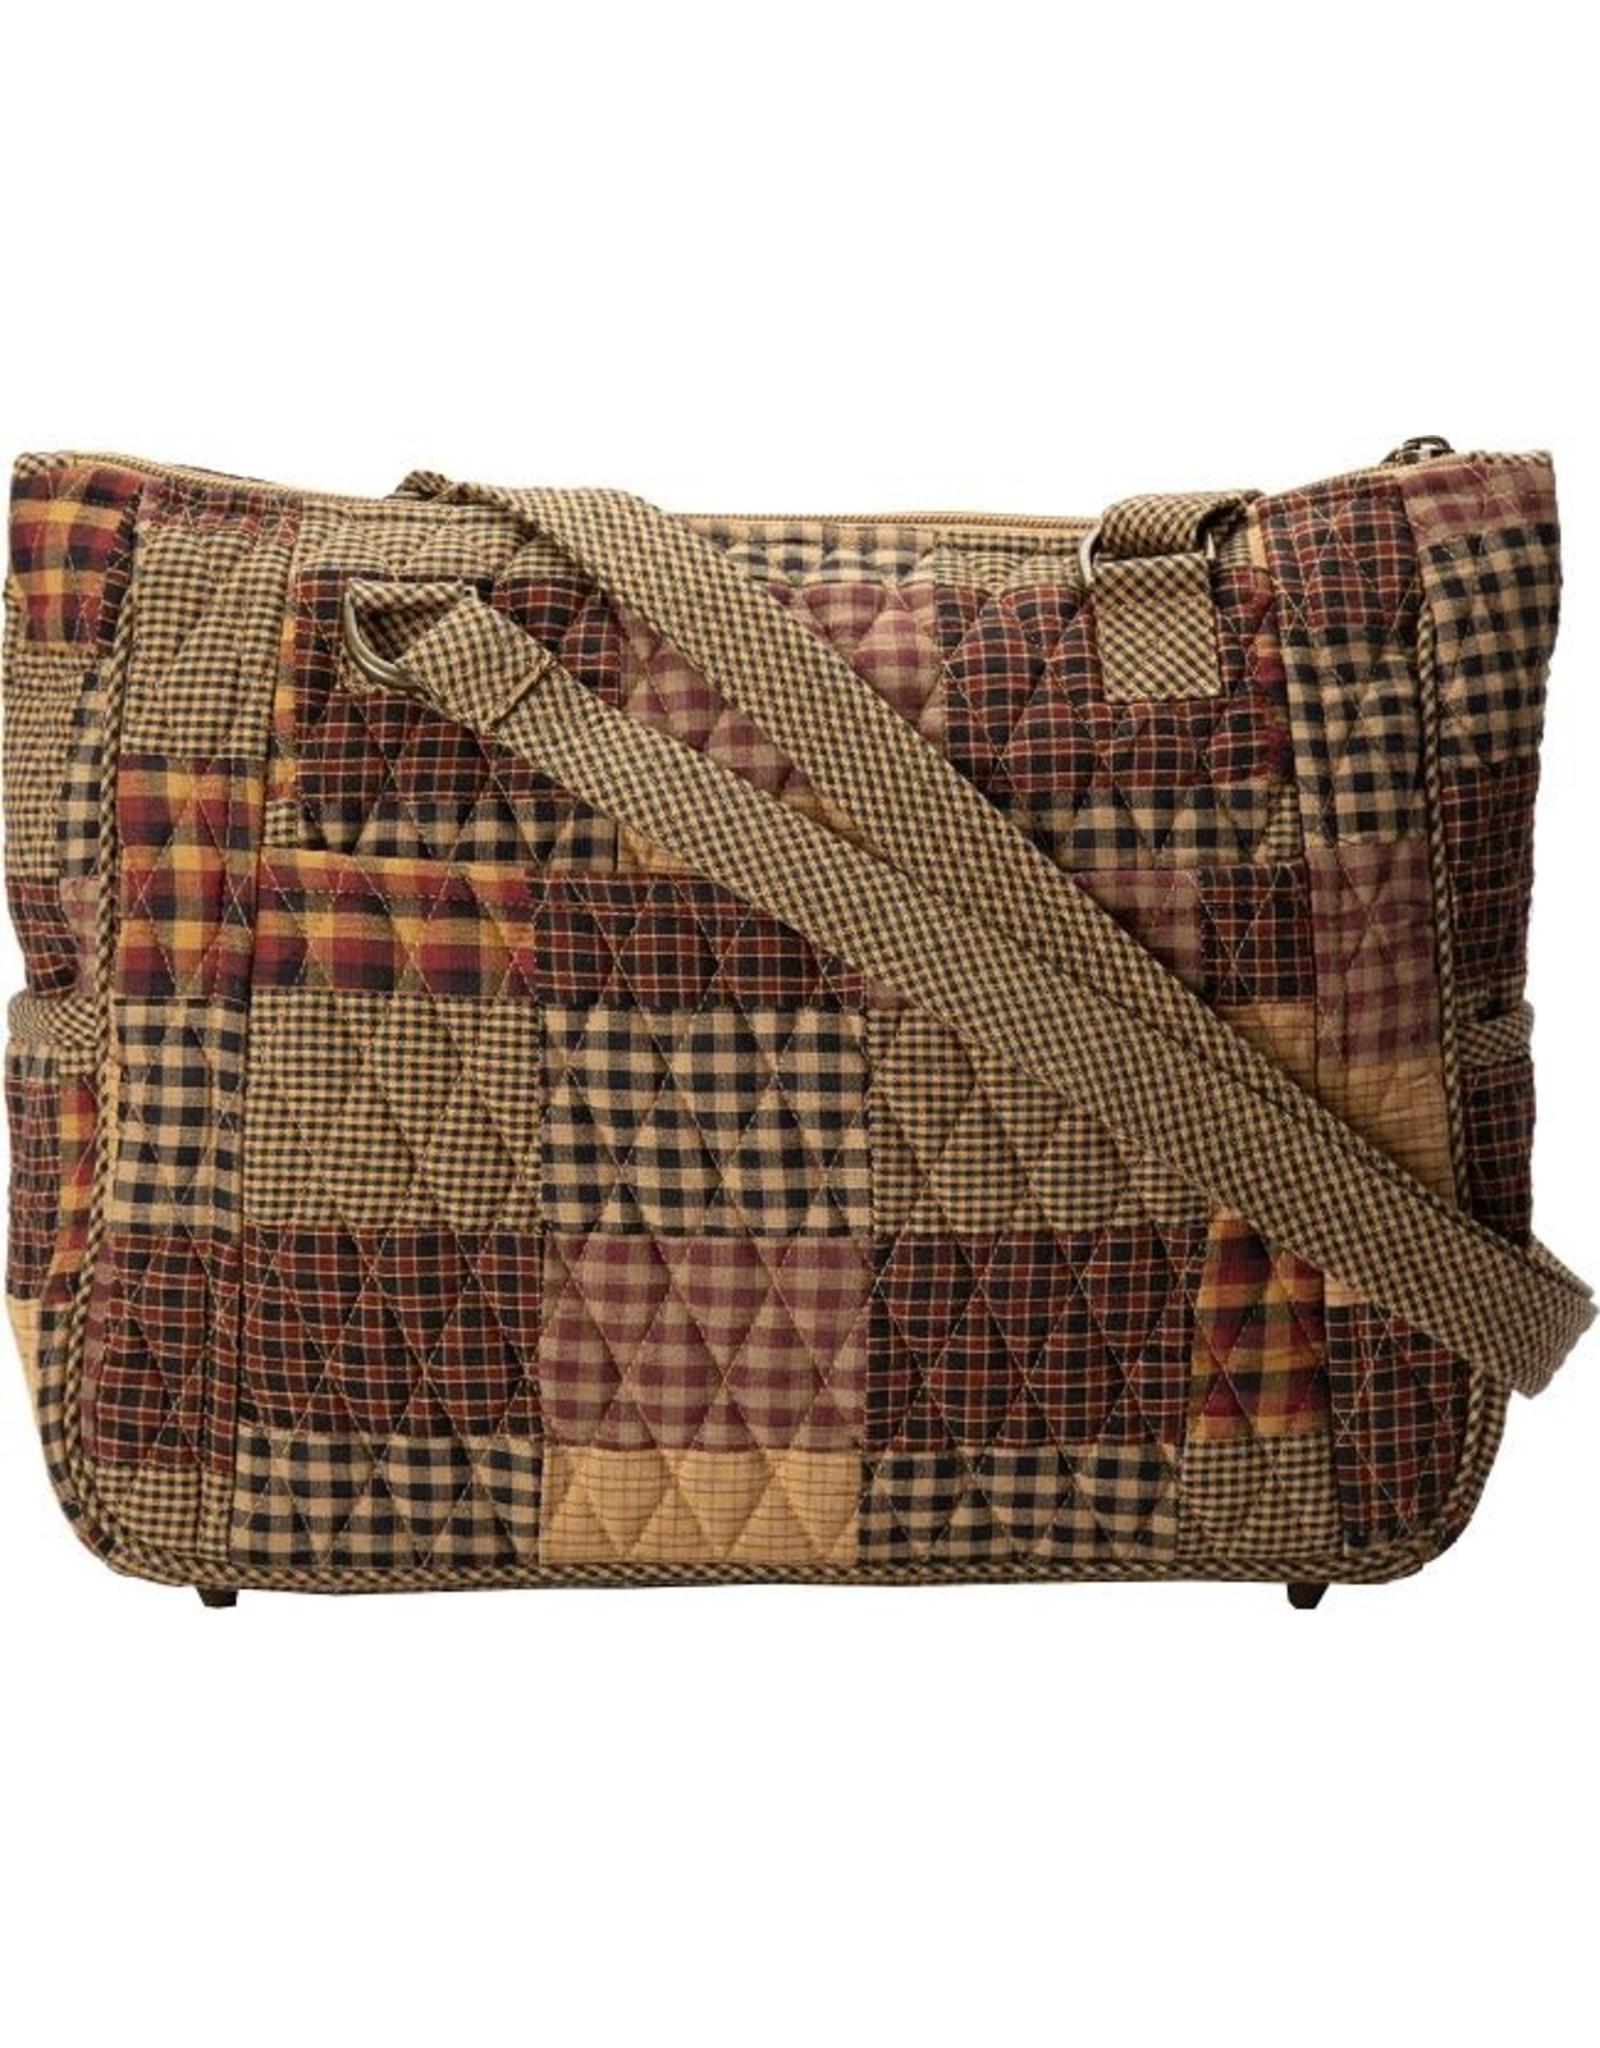 Bella Taylor Heritage - Everyday handbag